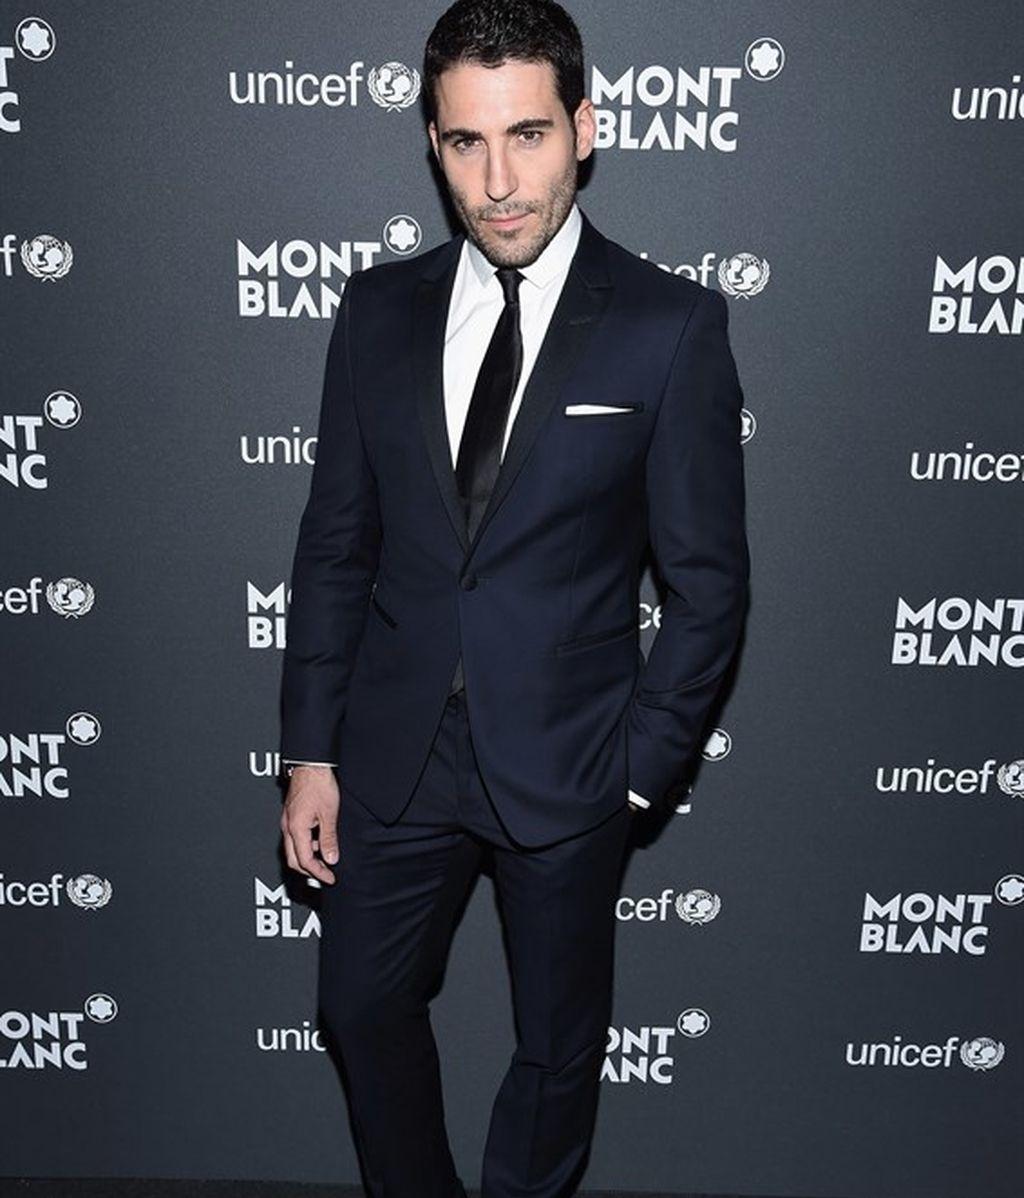 Miguel Ángel Silvestre en la gala Unicef Montblanc 2017, en Nueva York